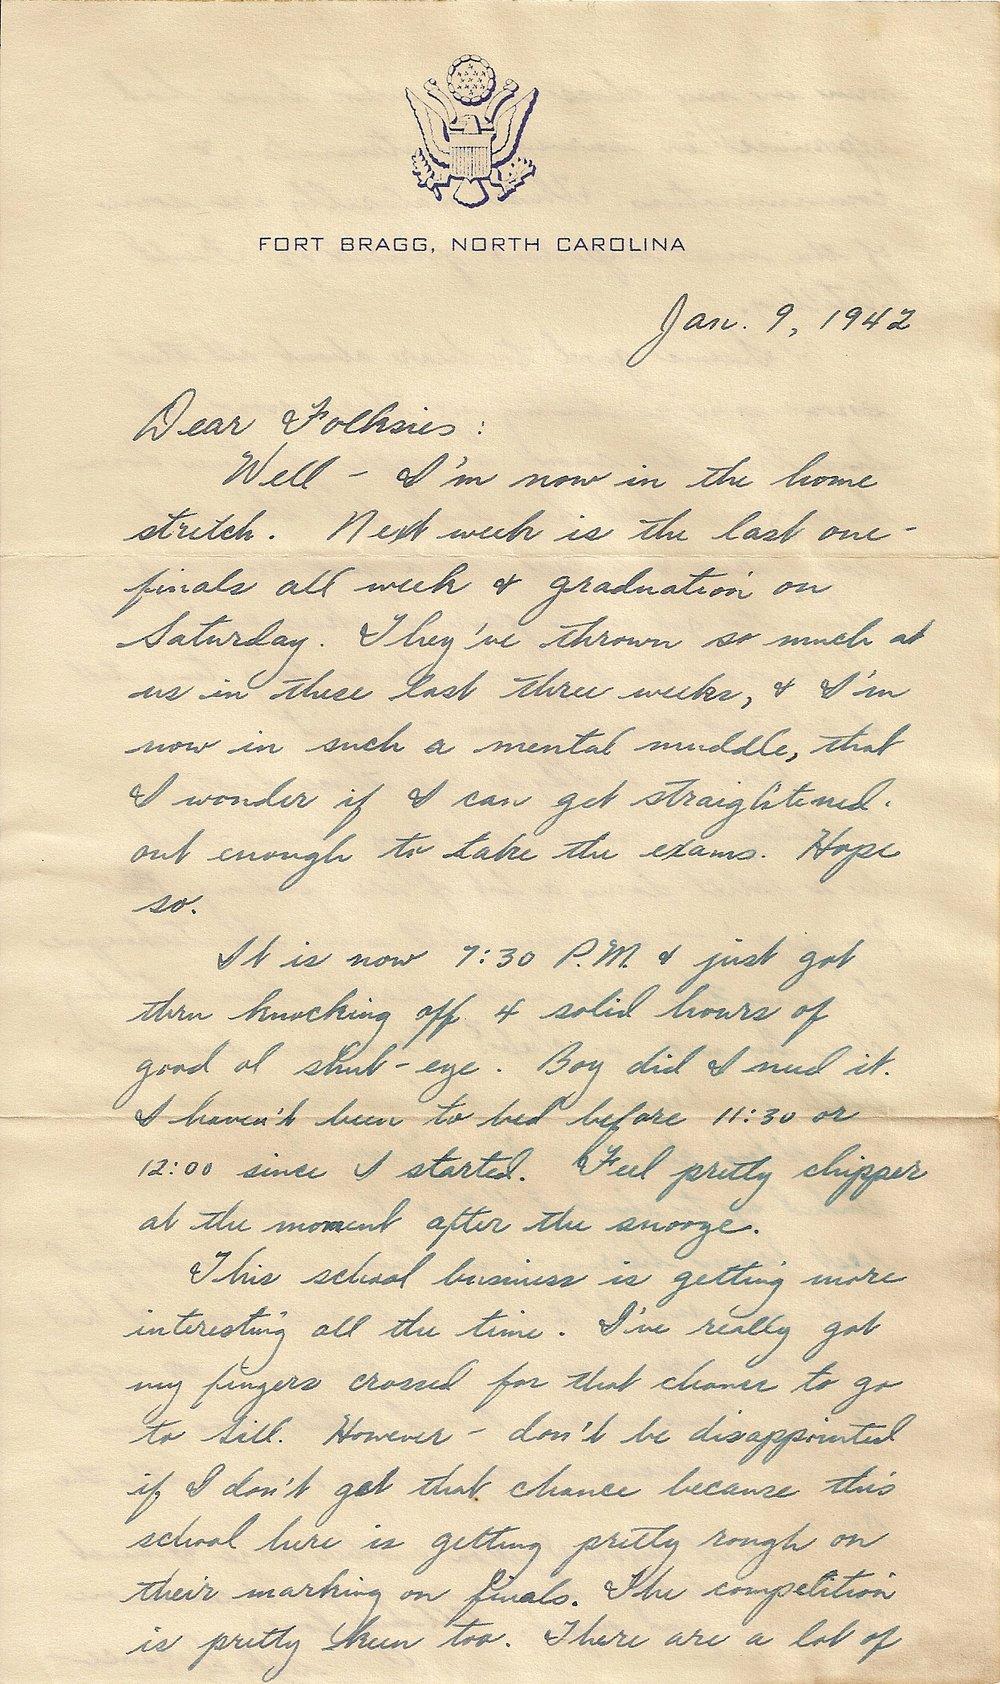 1.9.1943b.jpg